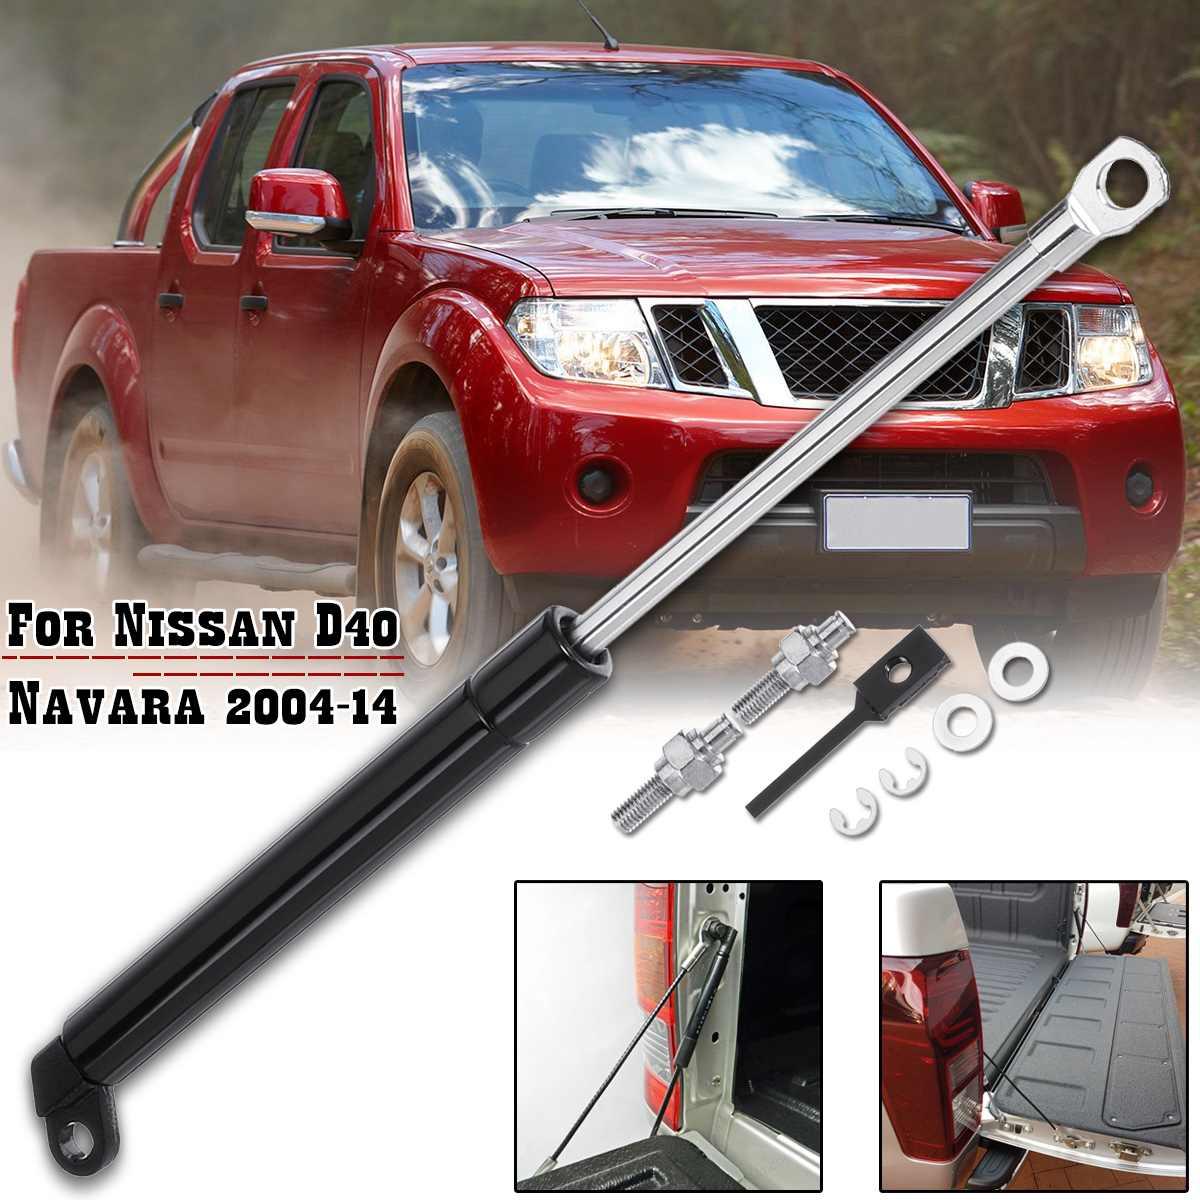 Portón trasero de la Liftgate puerta trasera para reducir la velocidad del maletero de choque de Gas soporte de elevación apto para Nissan D40 Navara 2004-2014